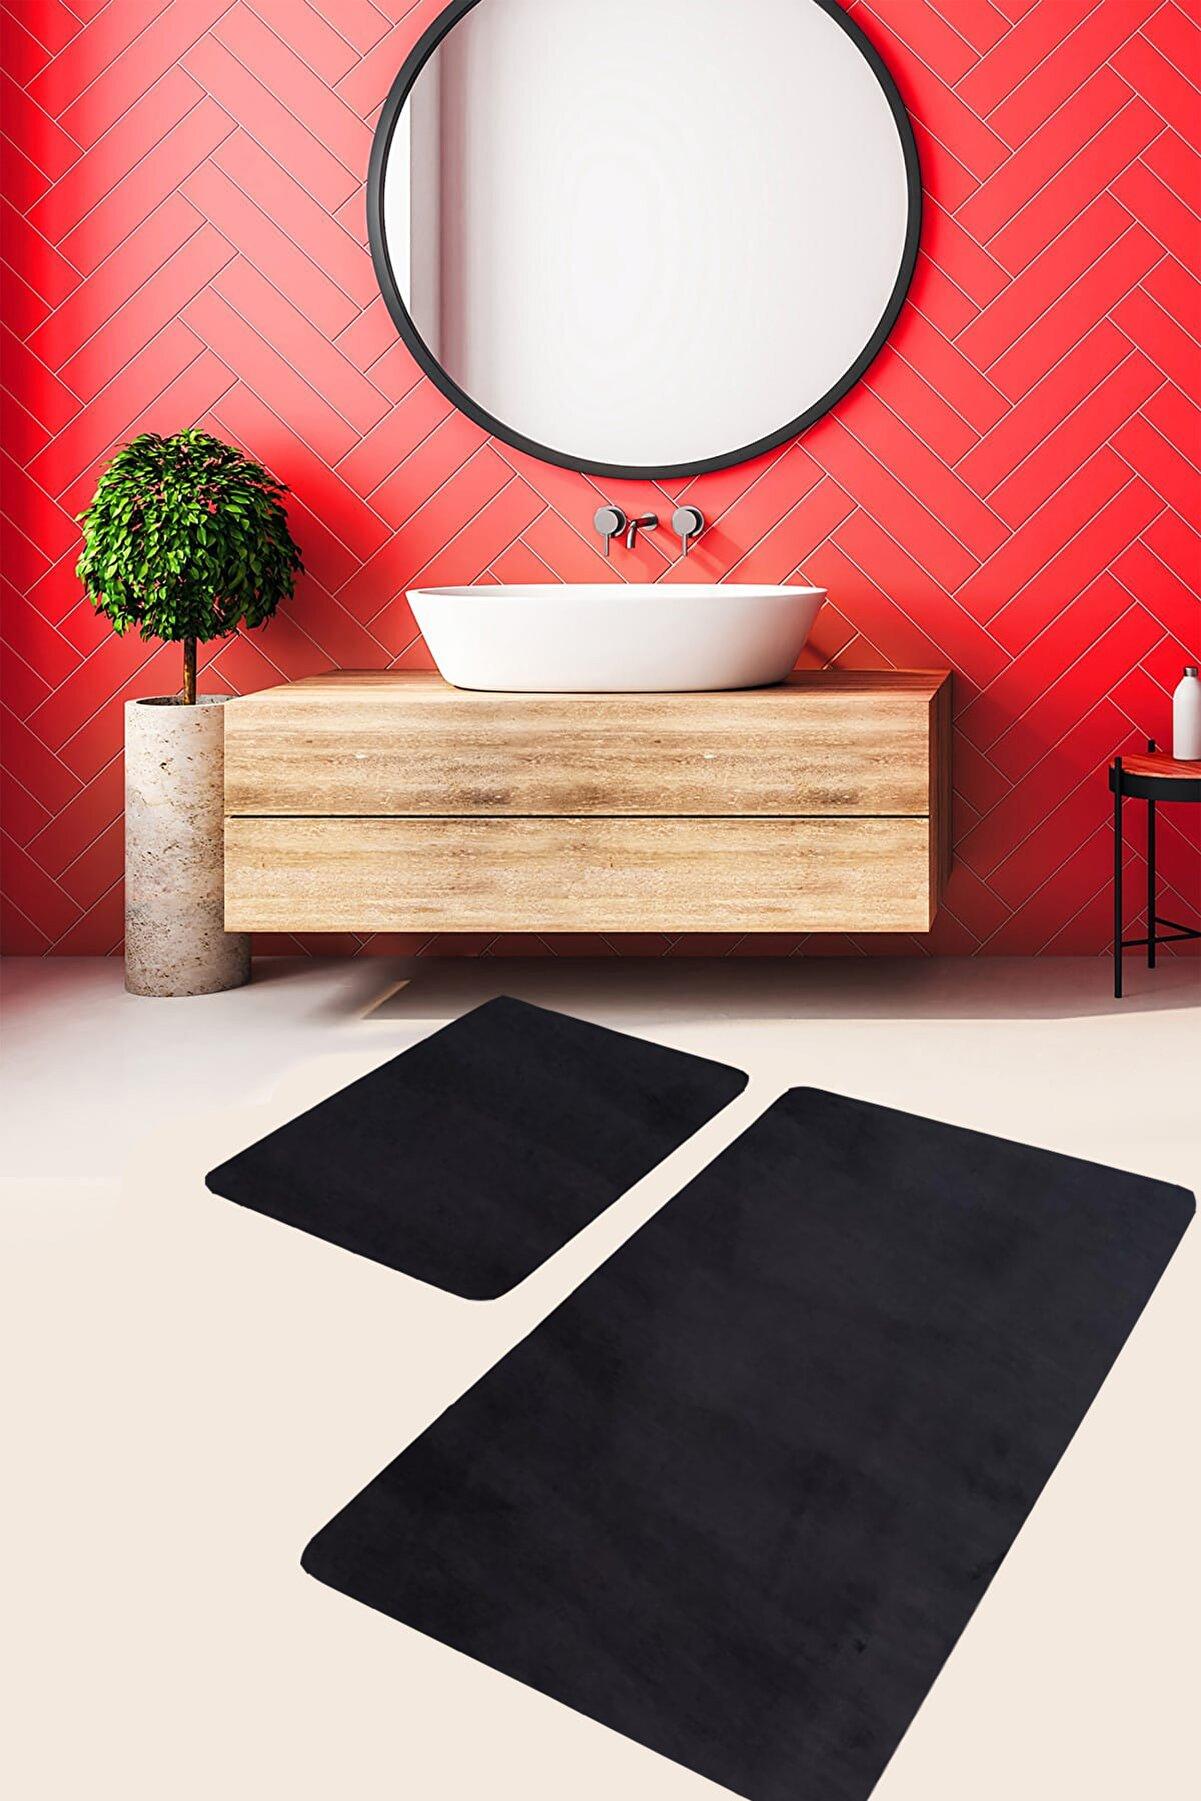 Sarar Ikili Banyo Paspası Klozet Takımı Siyah Post Peluş Halı Antibakteriyel